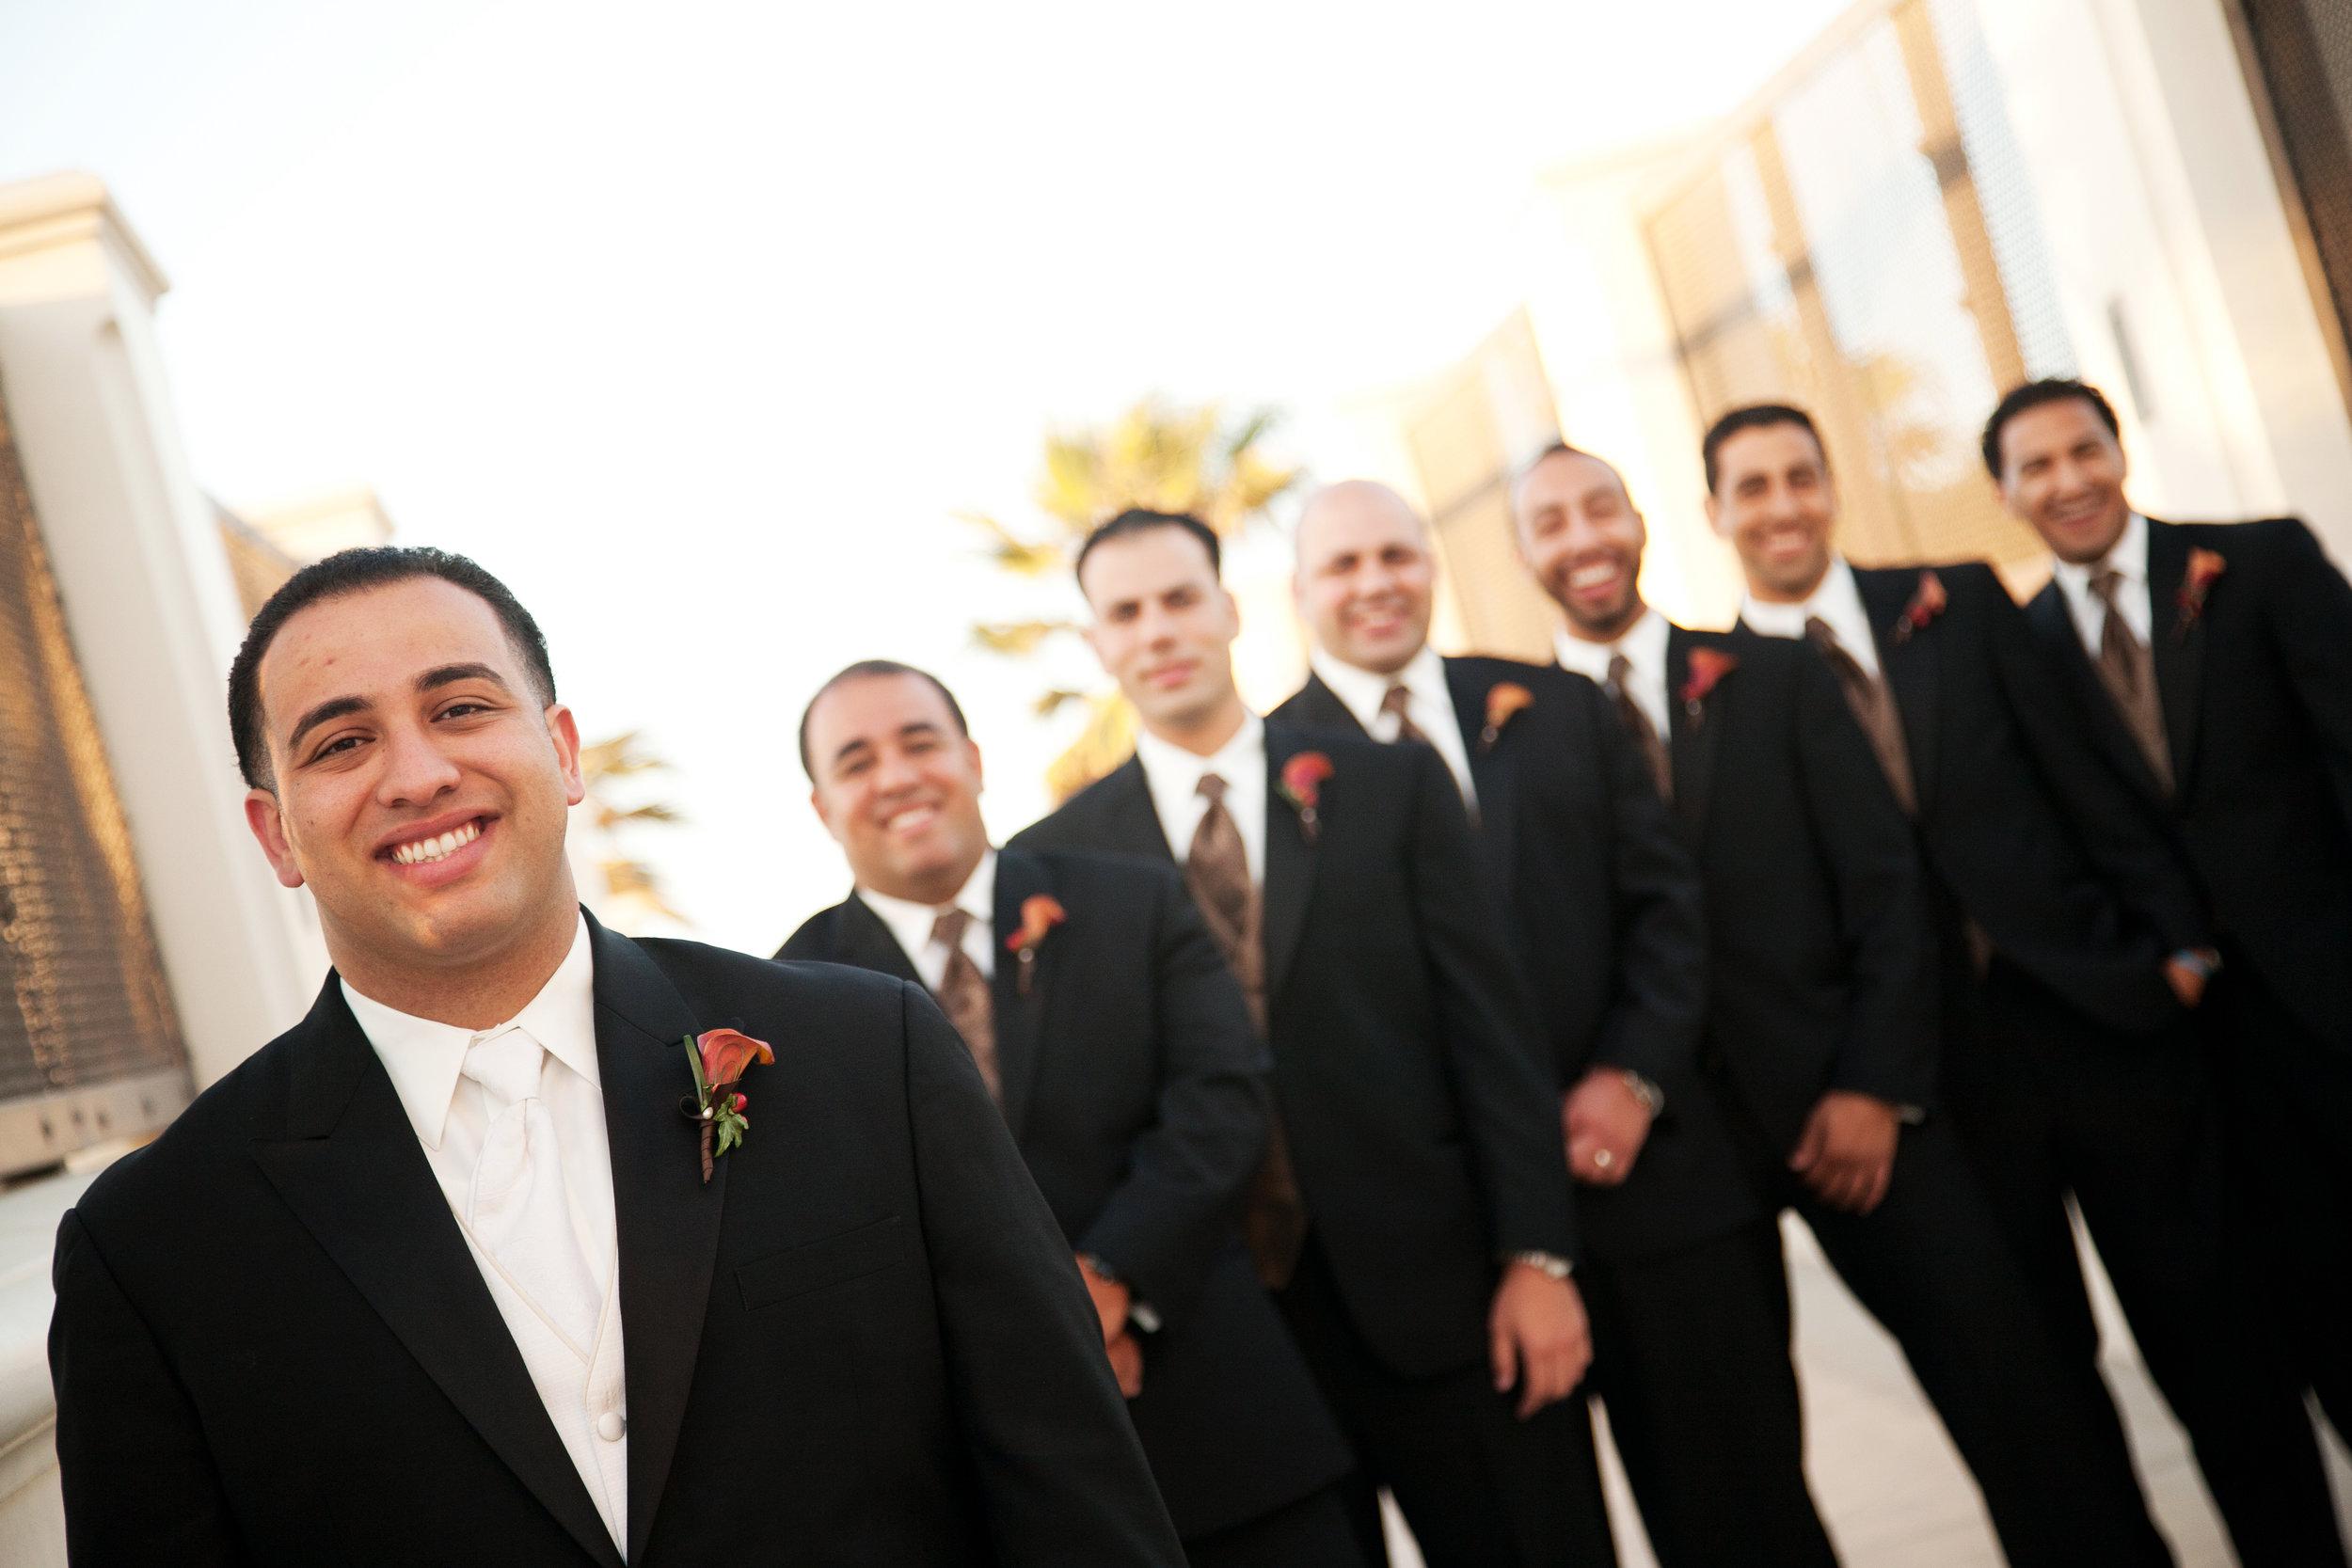 Hyatt Regency Huntington Beach Bridal Party